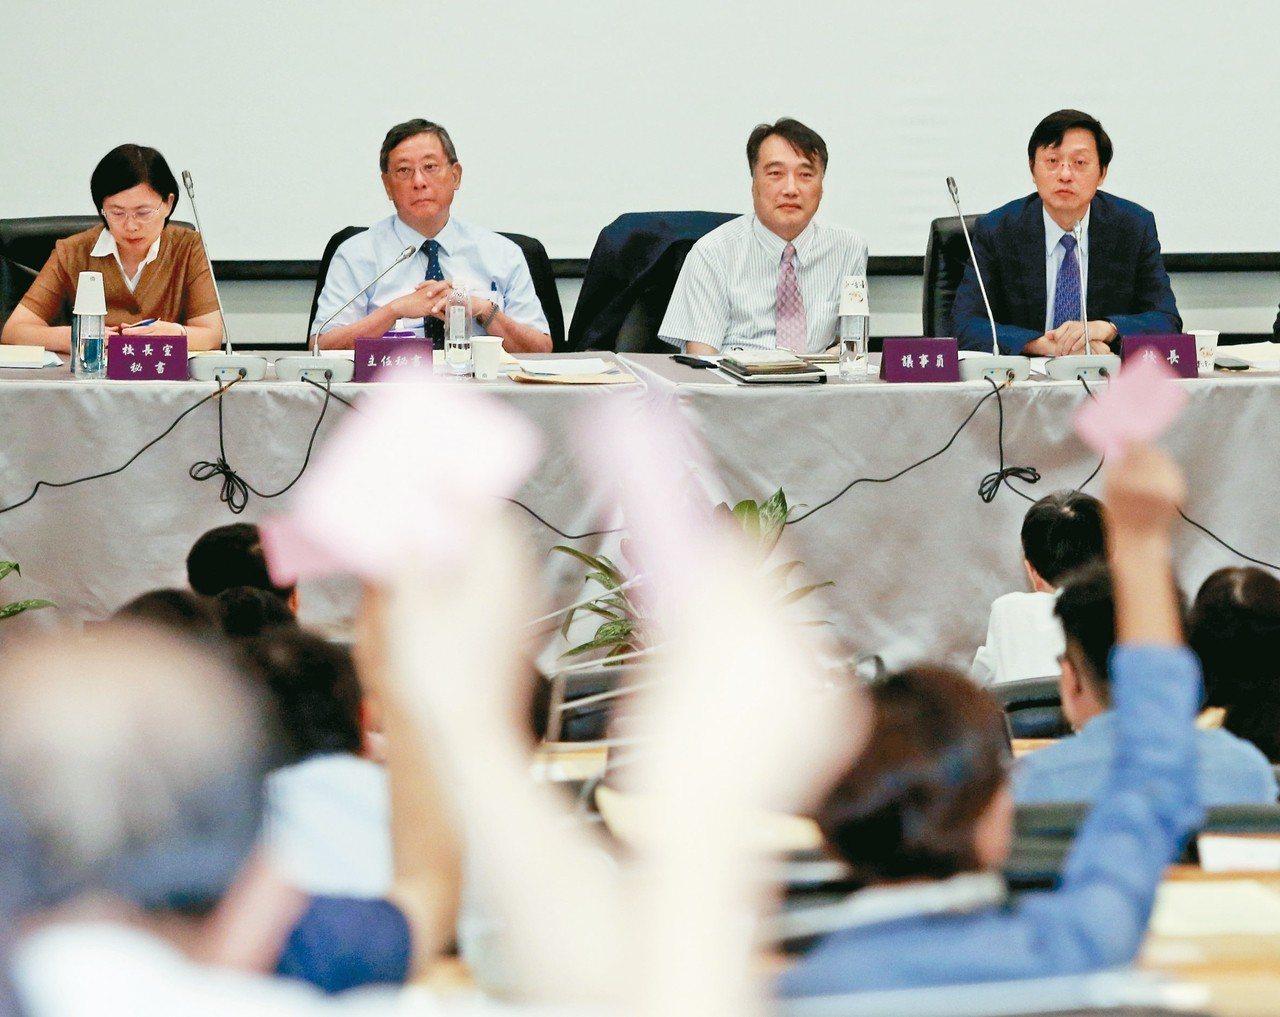 台大昨天舉行校務會議,代理校長郭大維(右一)主持,會中說明校長遴選提訴願的過程,...